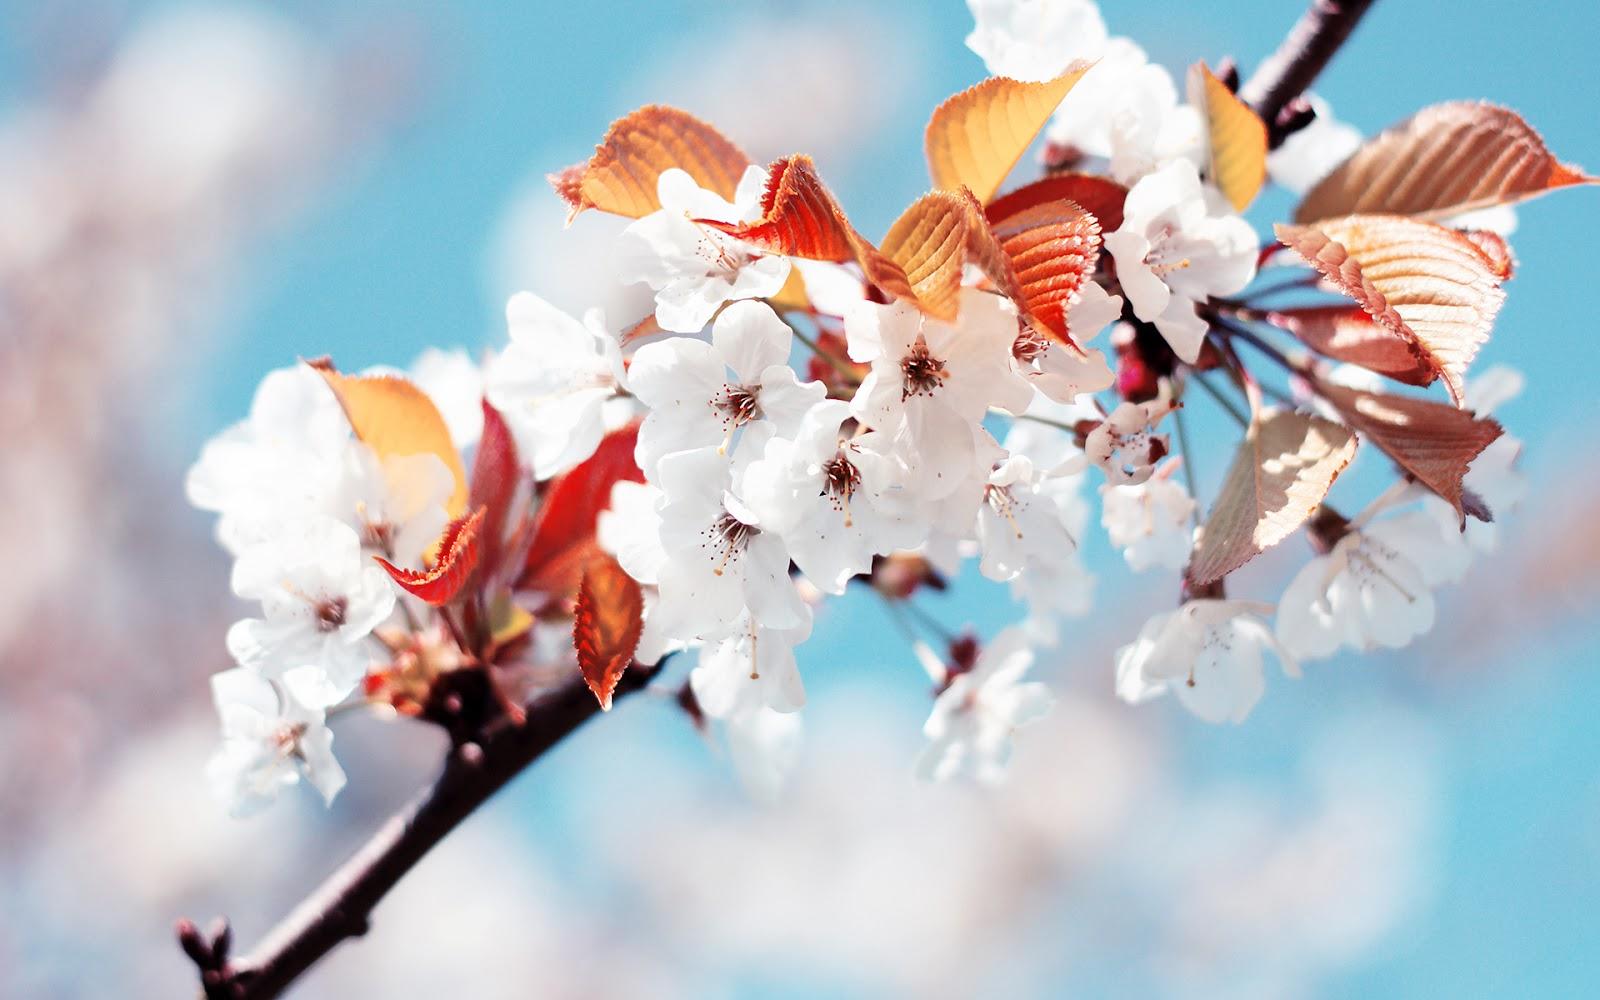 Hình nền mùa xuân hoa trắng đẹp